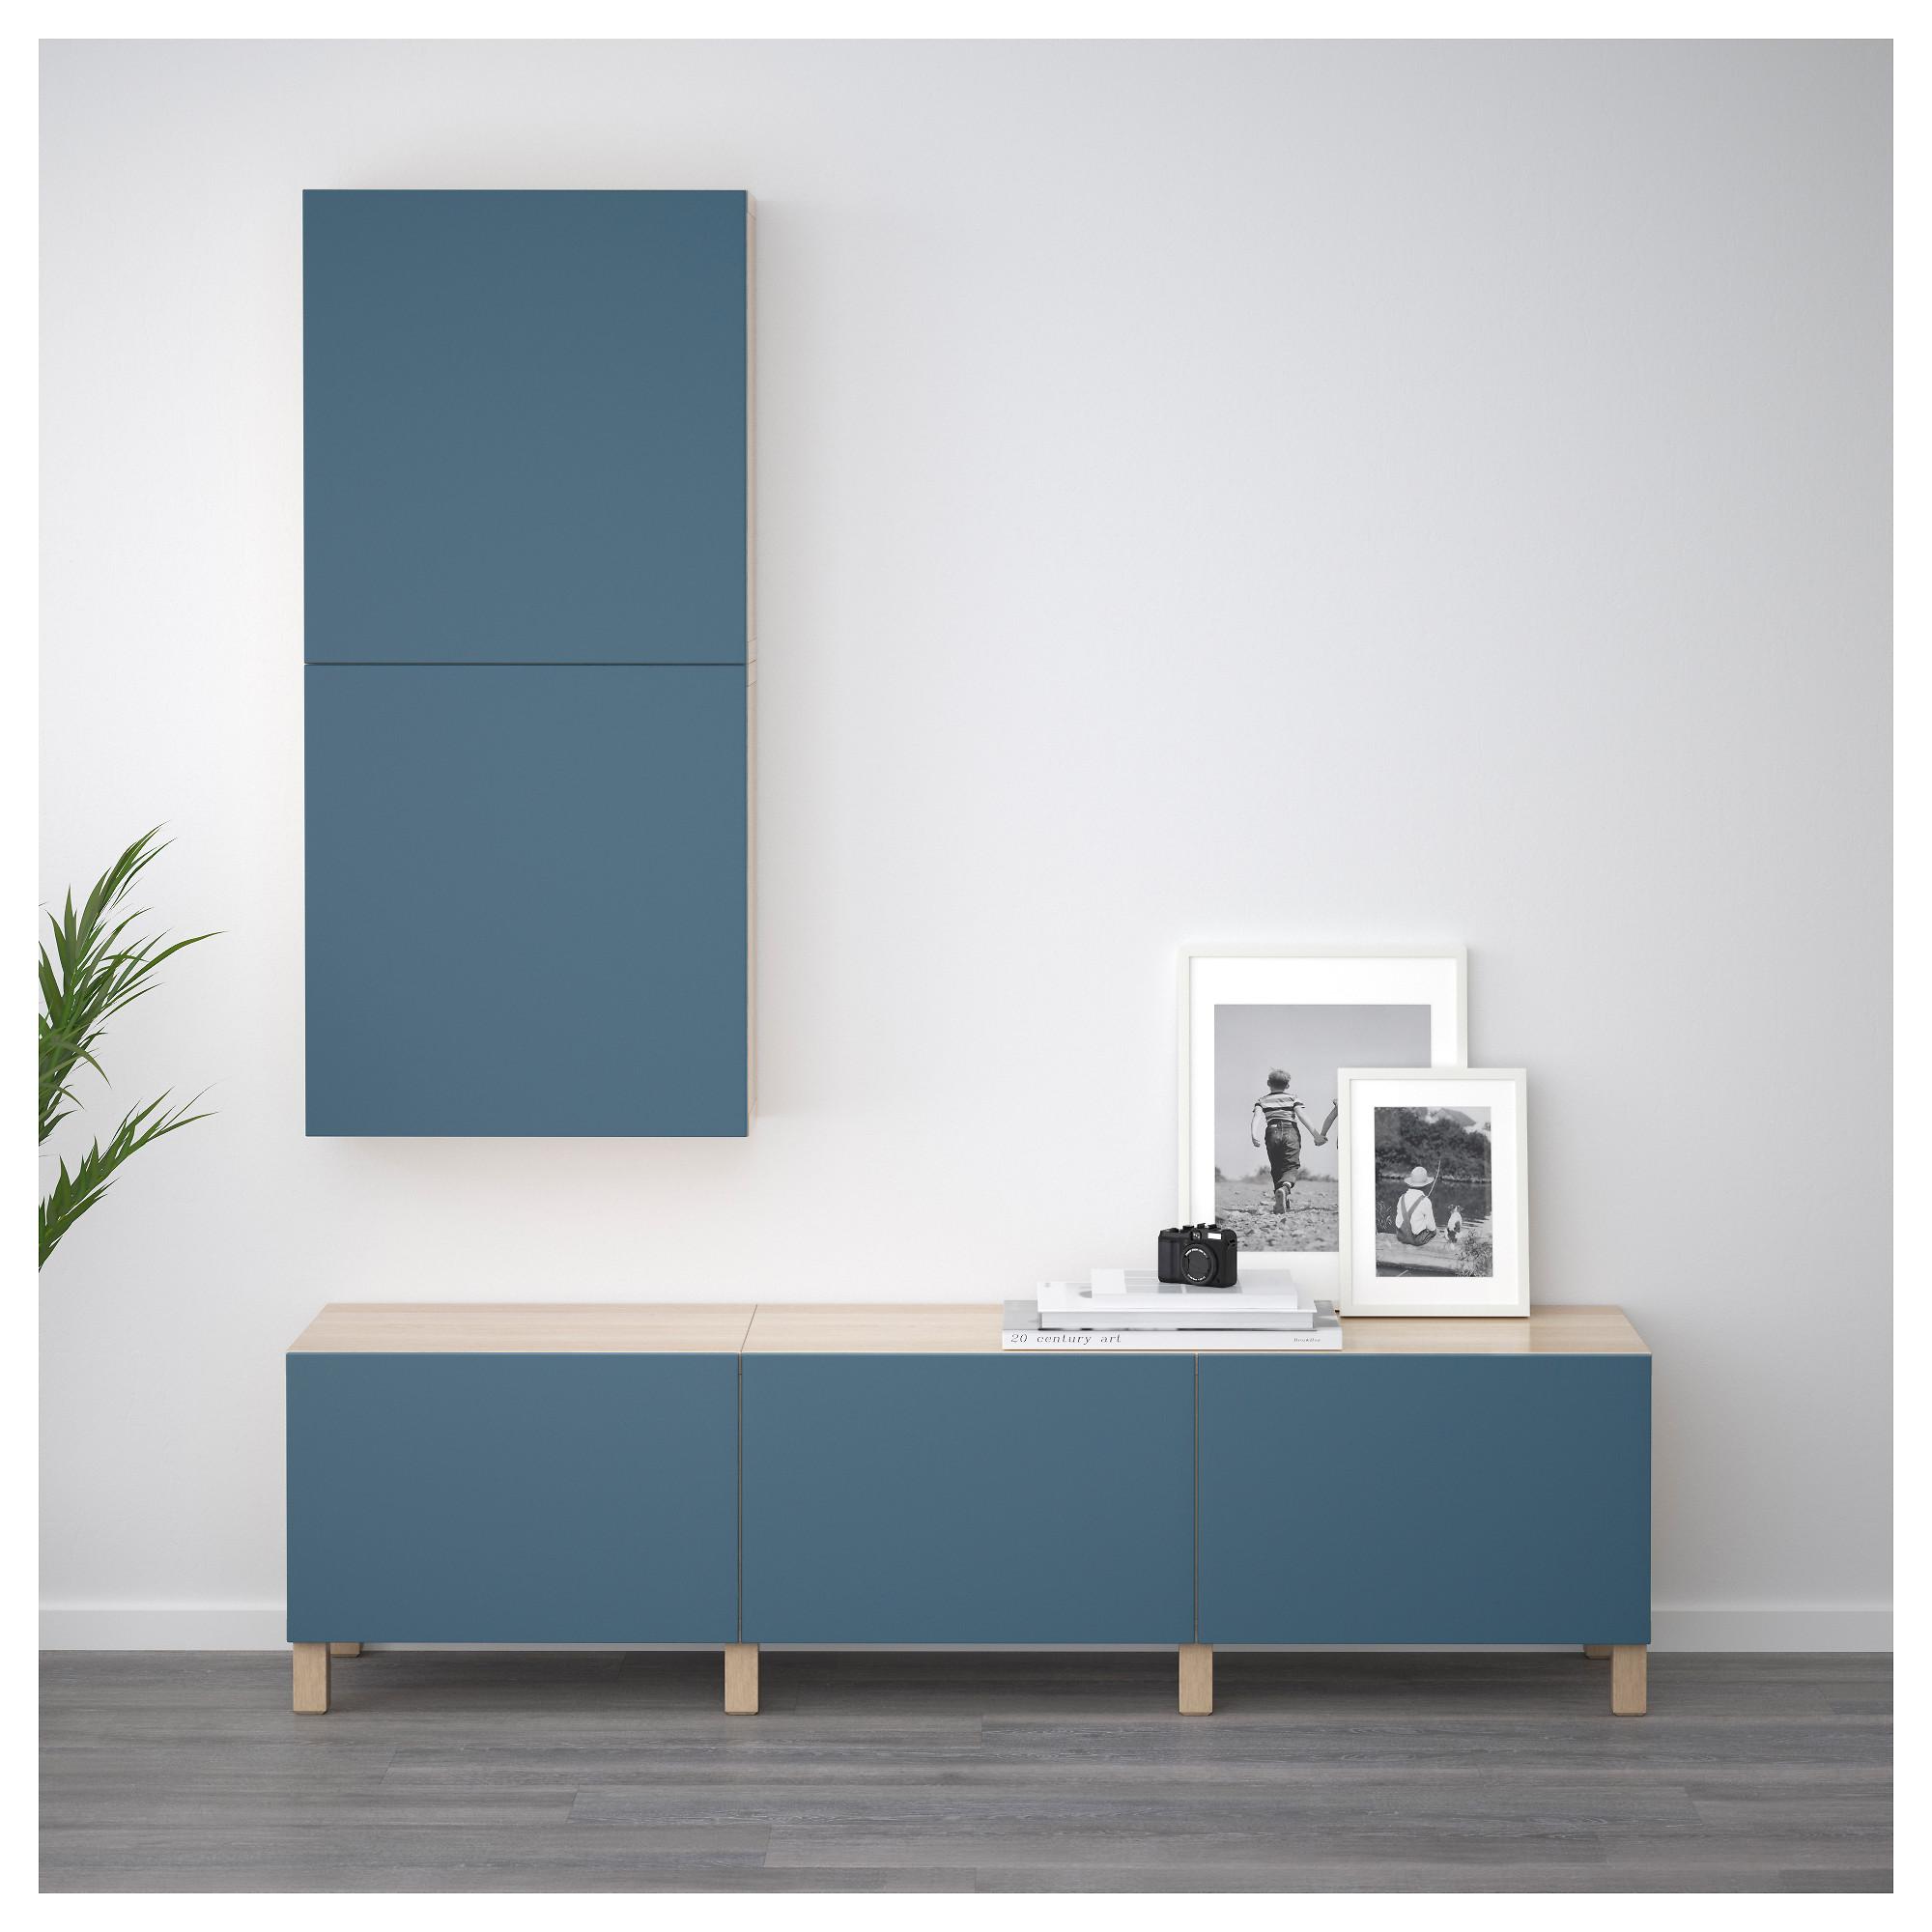 Навесной шкаф с 2 дверями БЕСТО темно-синий артикуль № 292.489.39 в наличии. Интернет магазин IKEA Минск. Быстрая доставка и установка.